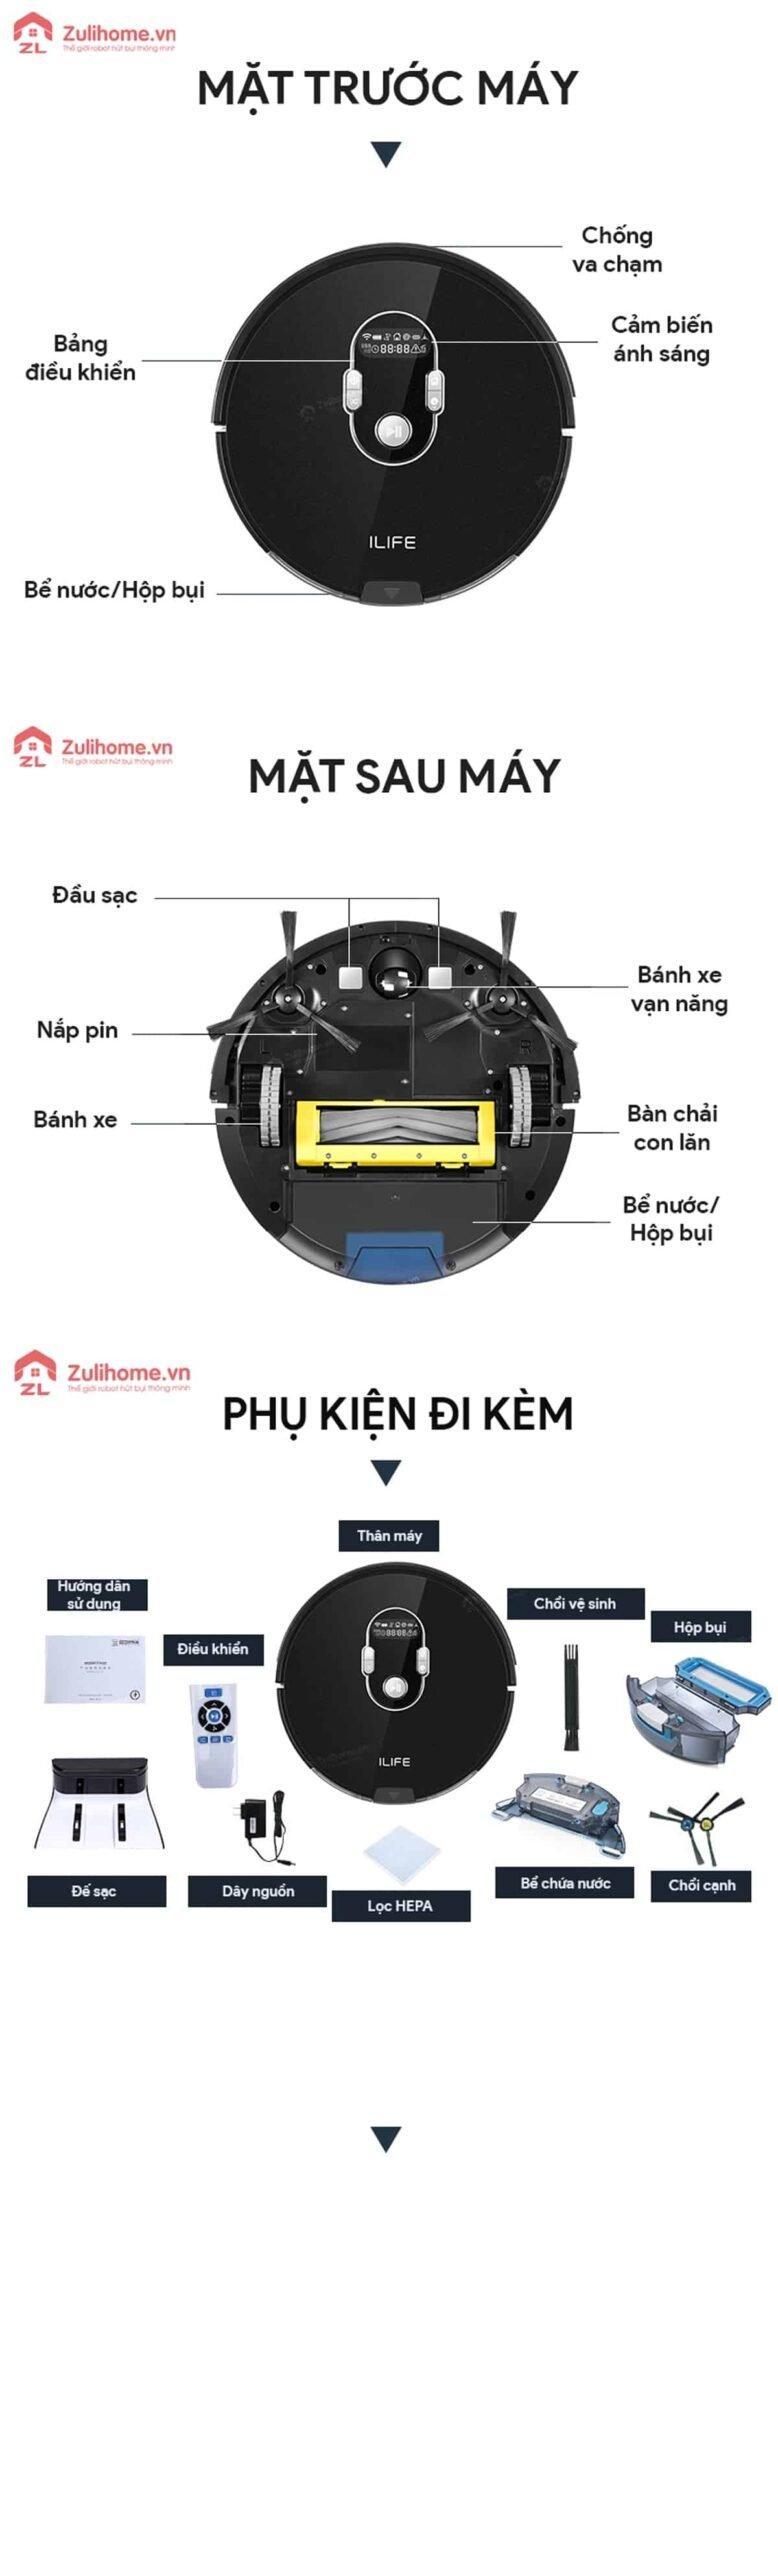 ILIFE X787 | Bộ phận trước và sau máy